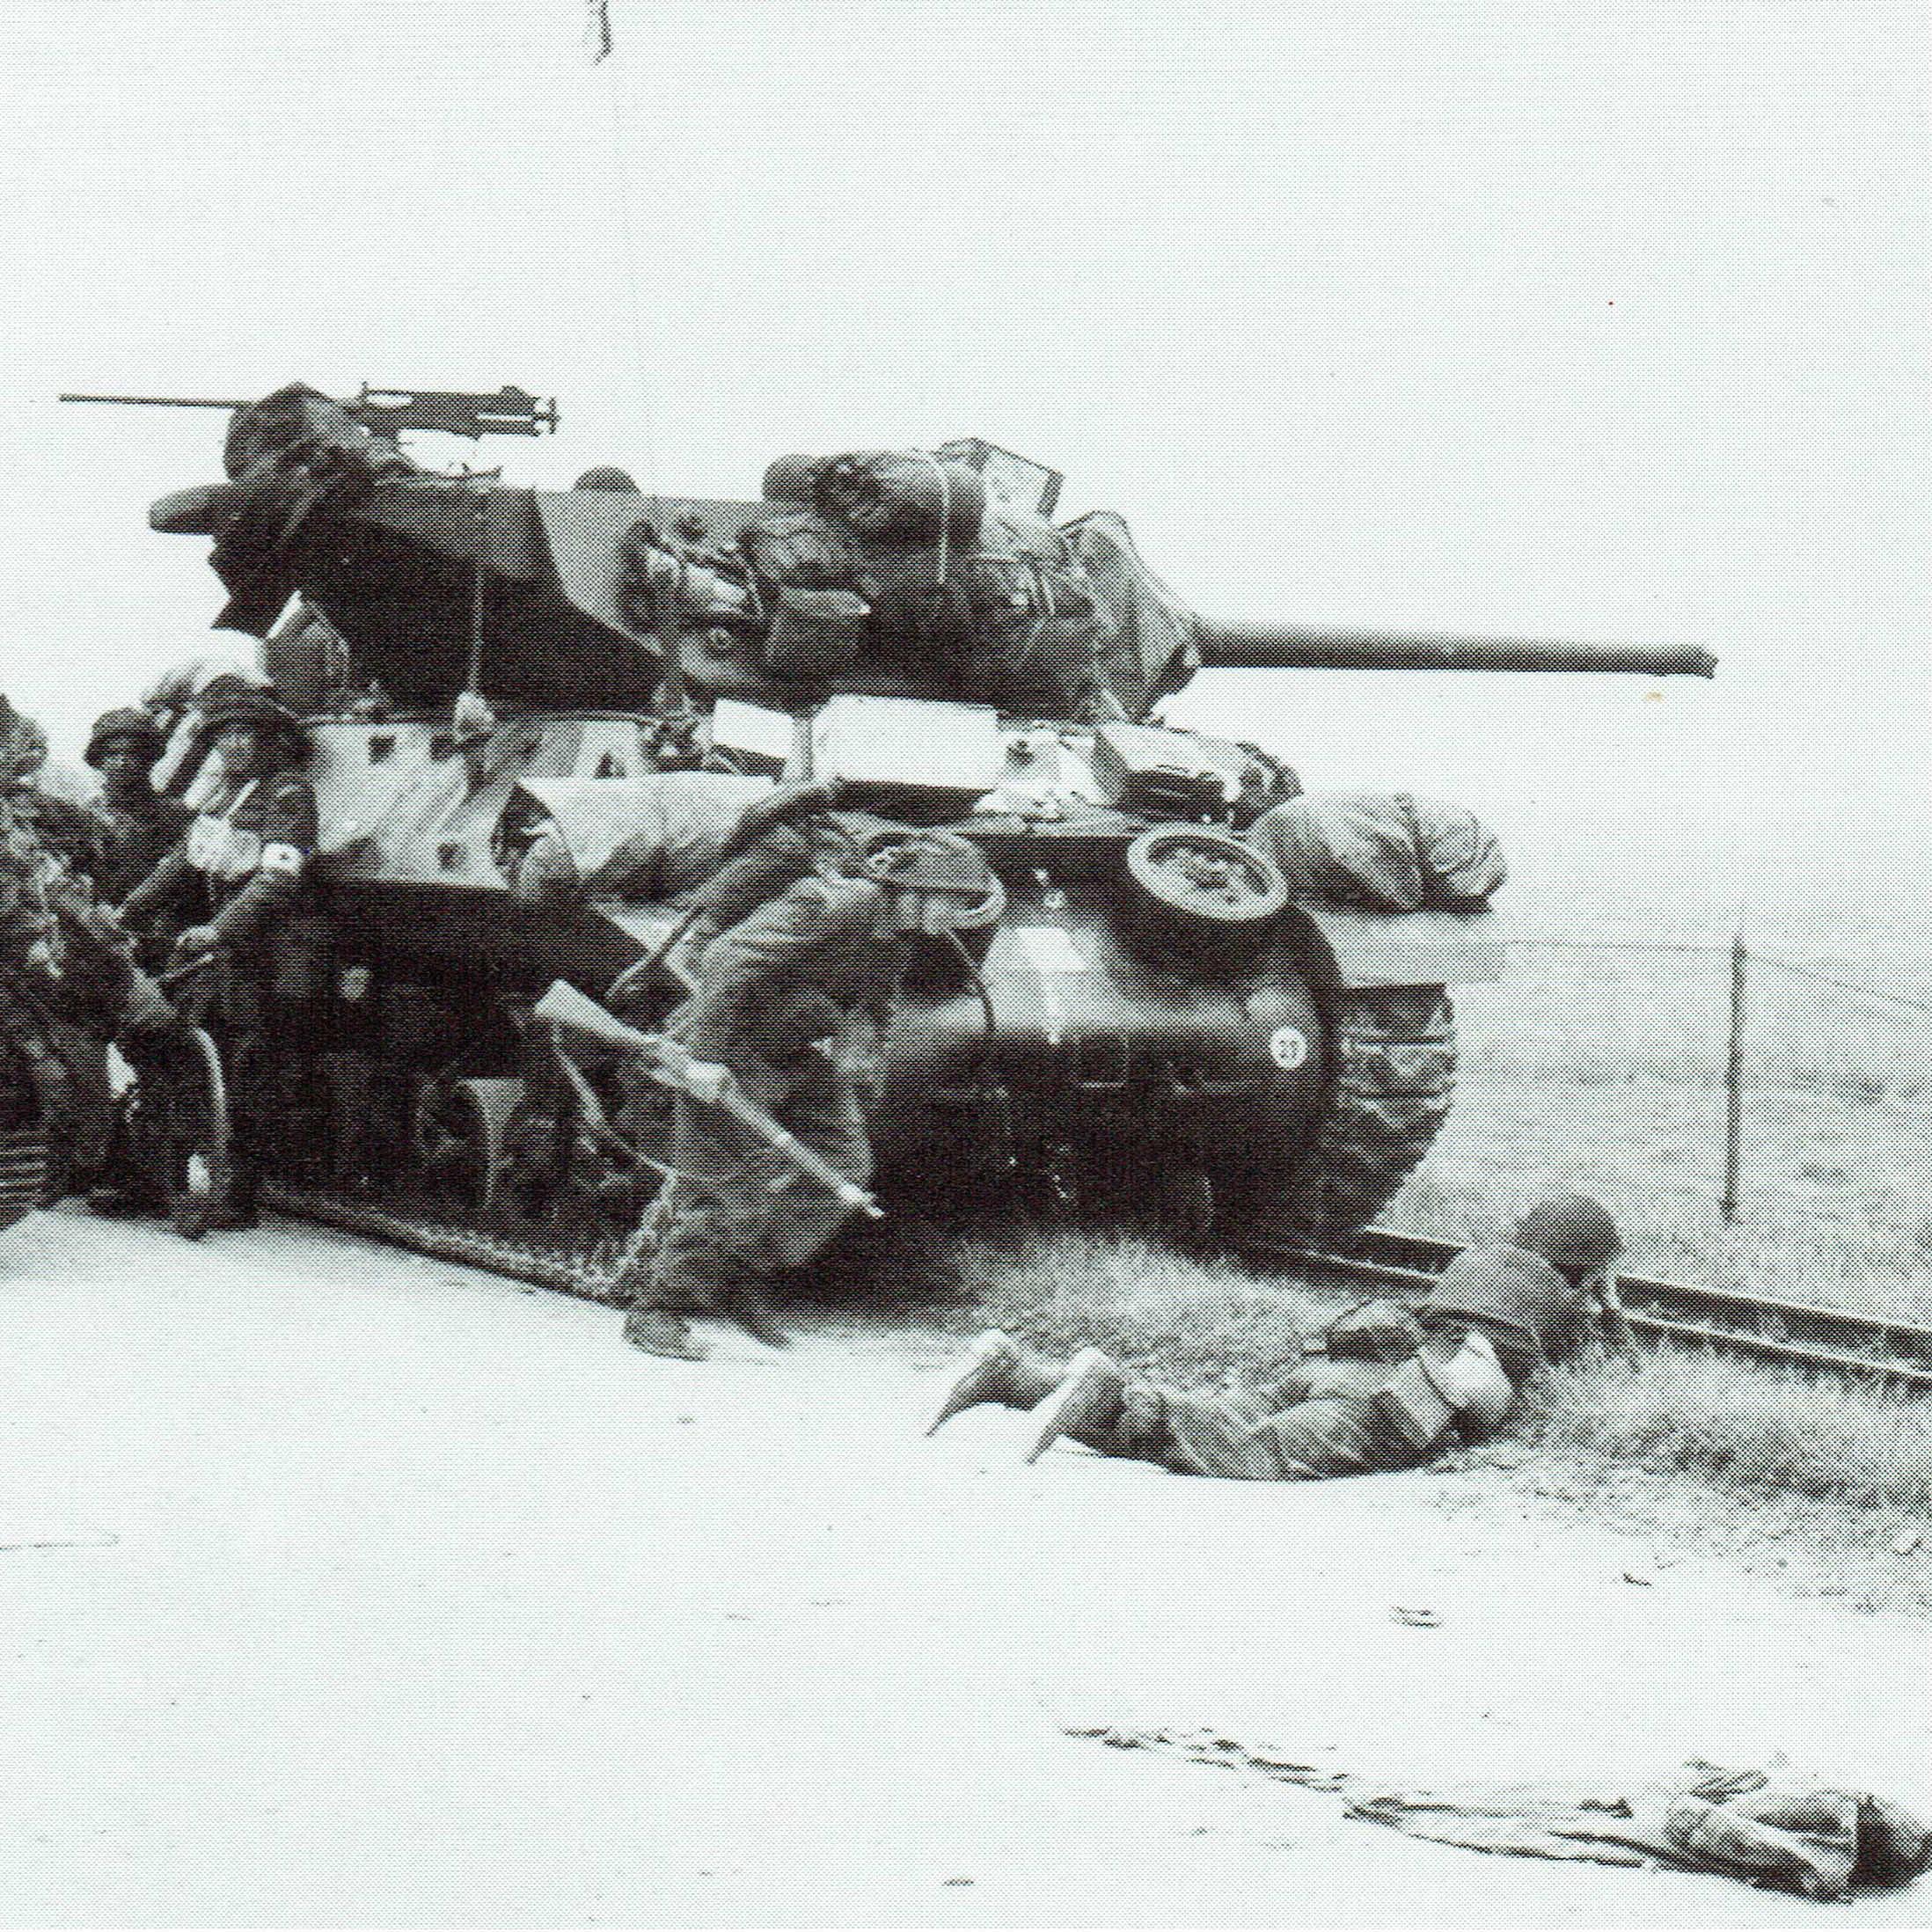 ノルマンディーの地で反撃に出るも、やむを得ず後退させられたドイツ装甲師団